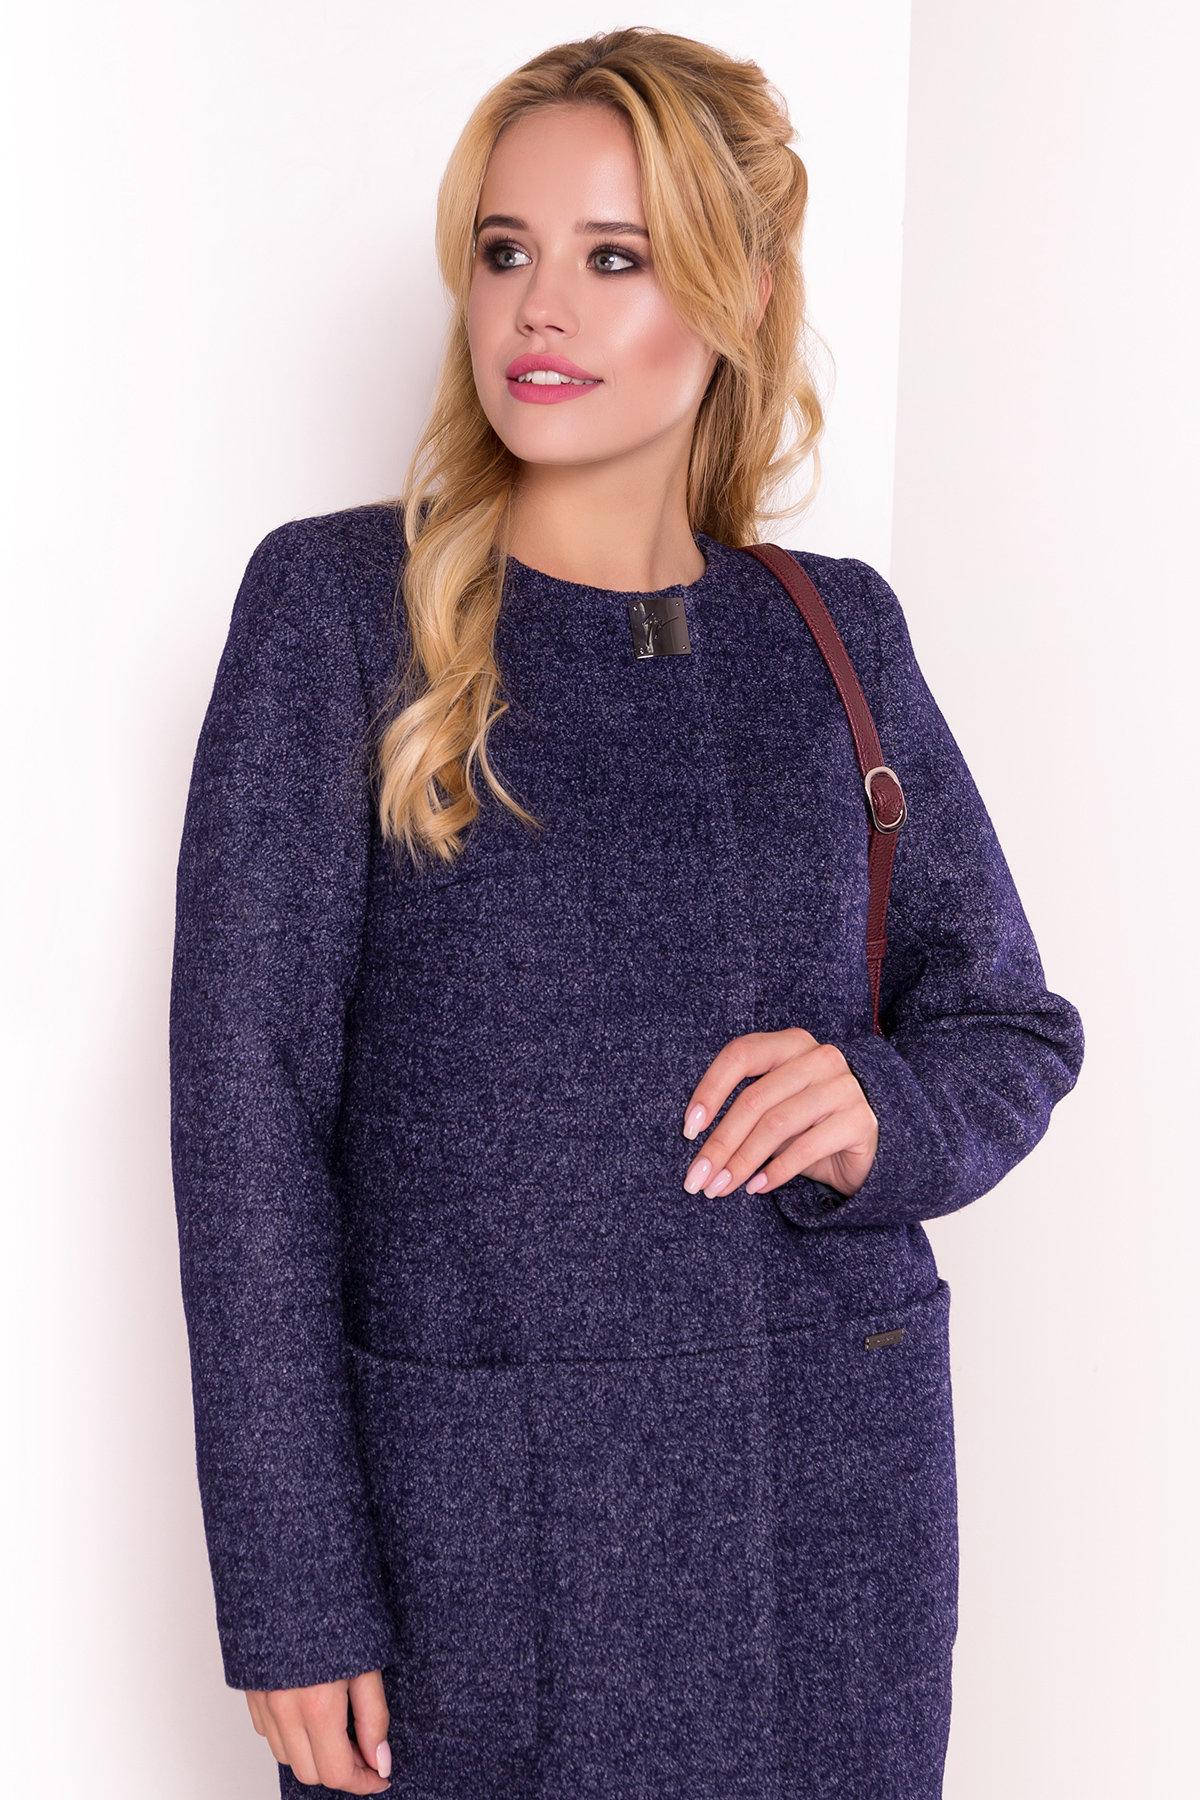 Пальто Дакс 1679 АРТ. 16669 Цвет: Темно-синий - фото 3, интернет магазин tm-modus.ru